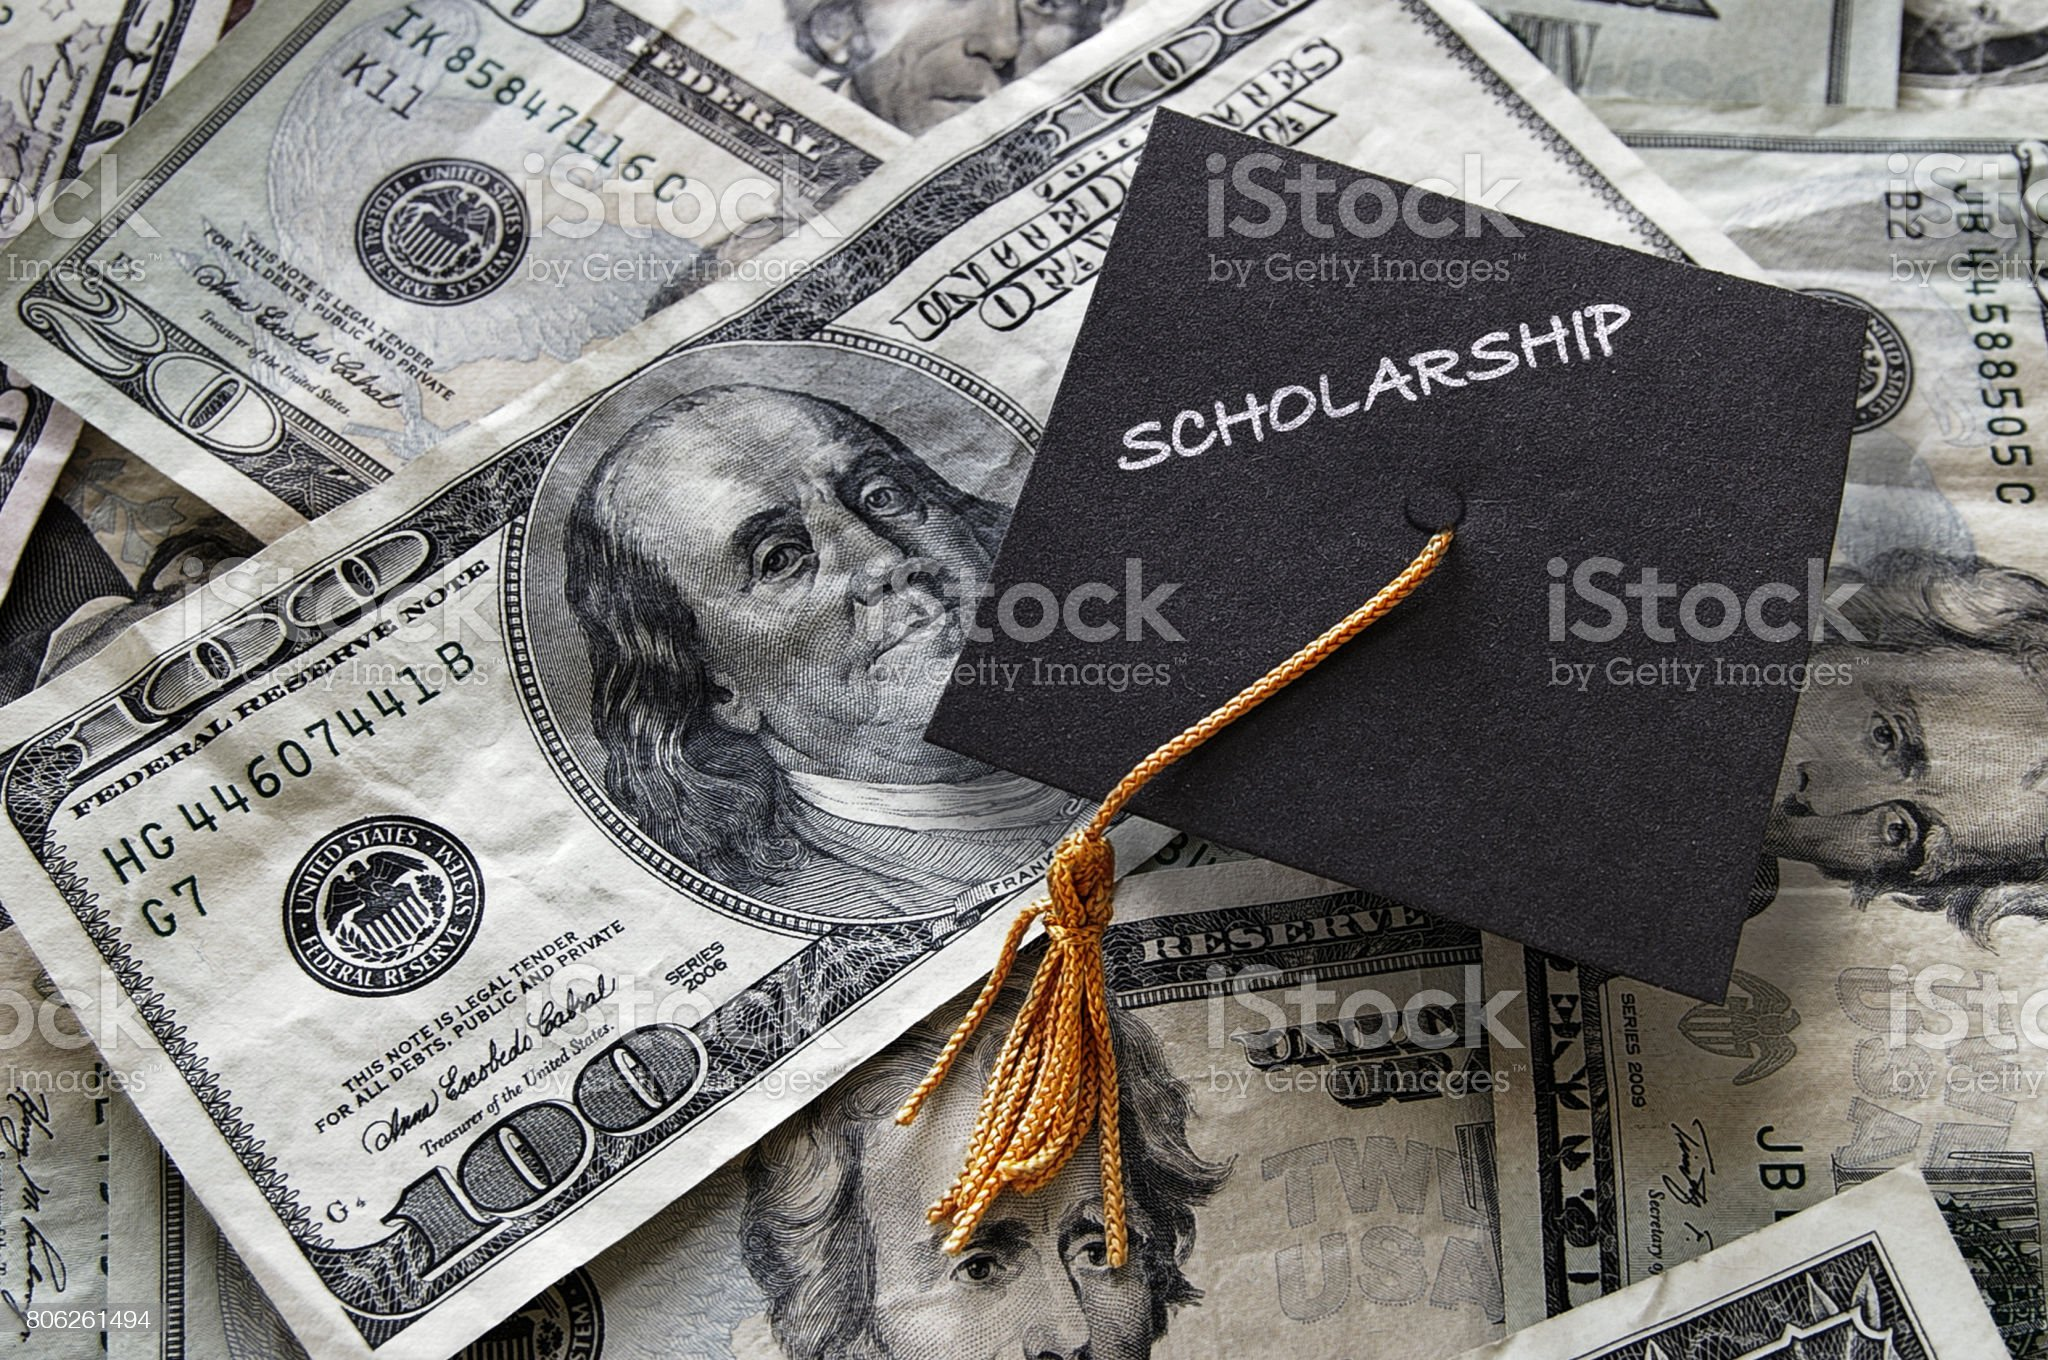 Scholarship graduation cap on cash Scholarship mini graduation cap on  cash Studying Stock Photo